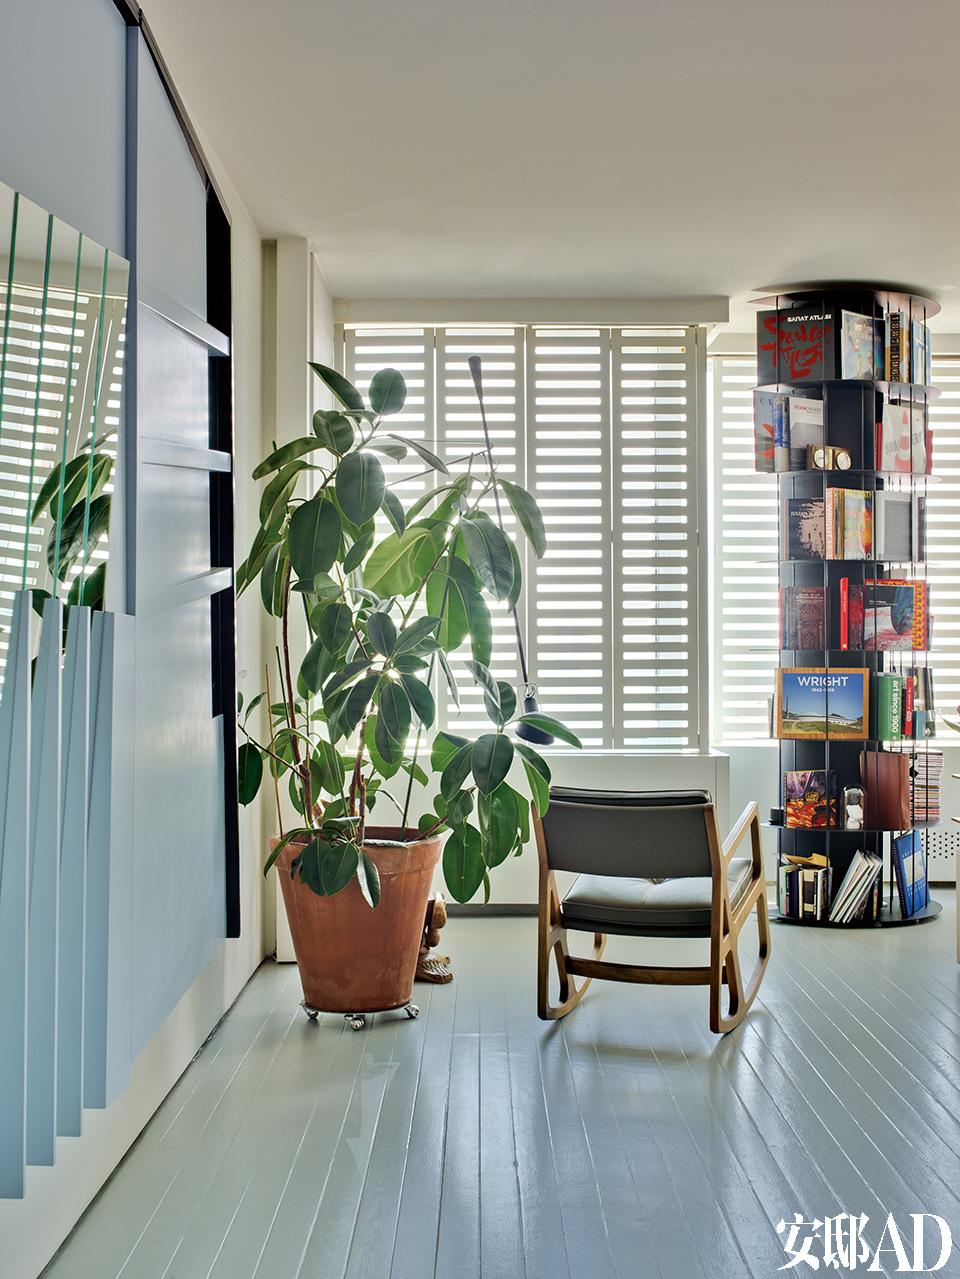 书架旁的扶手摇椅出自SleepyRocking。